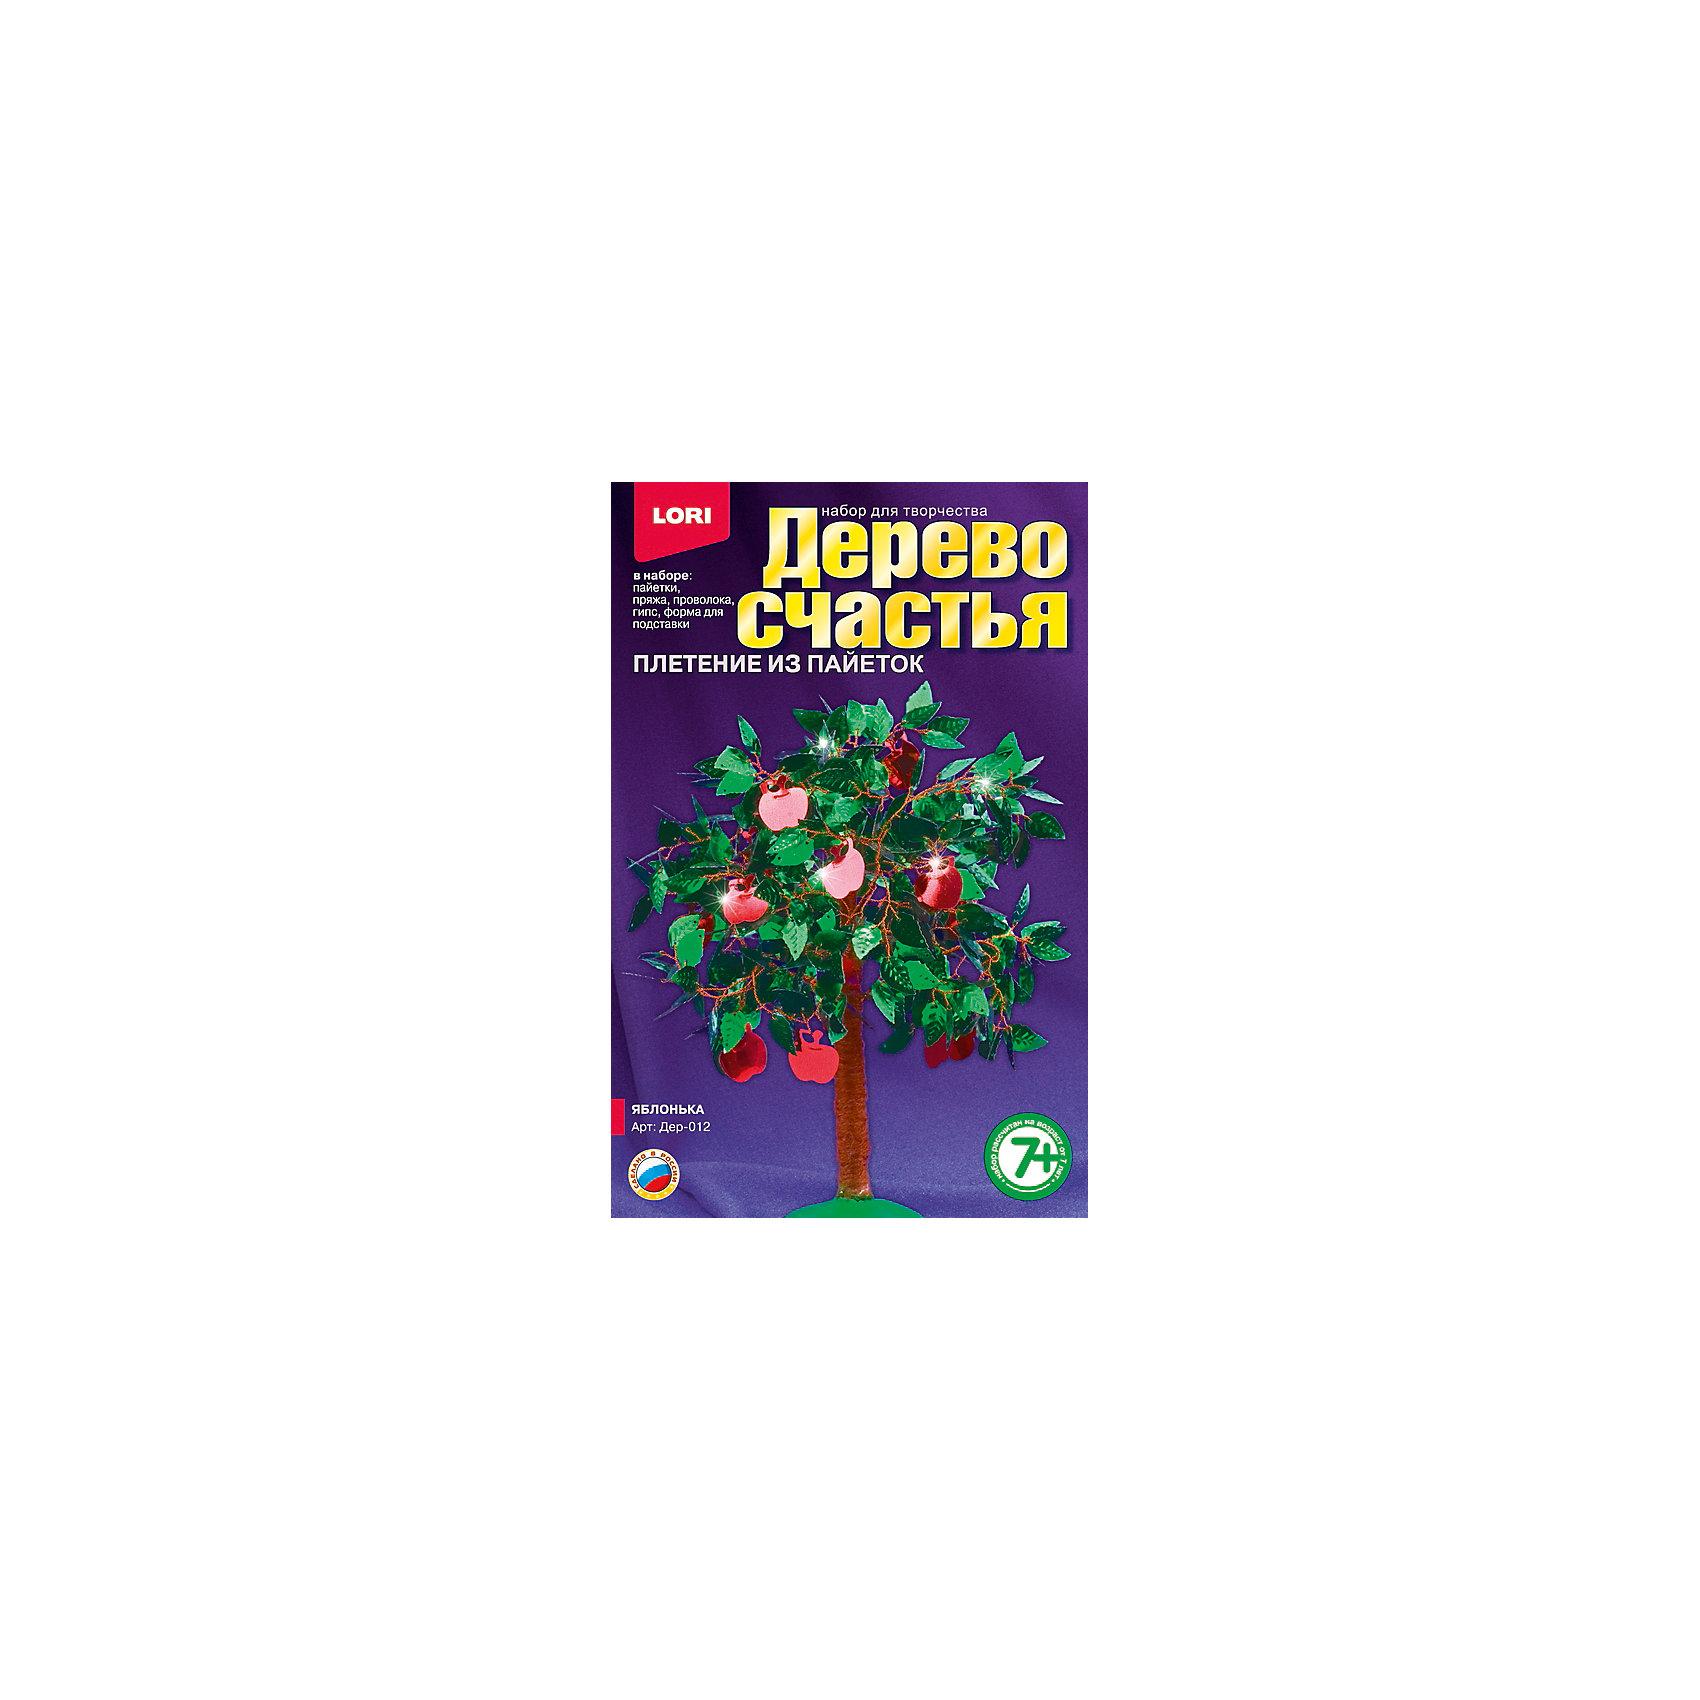 LORI Дерево счастья Яблонька, LORI lori набор для рукоделия дерево счастья сакура